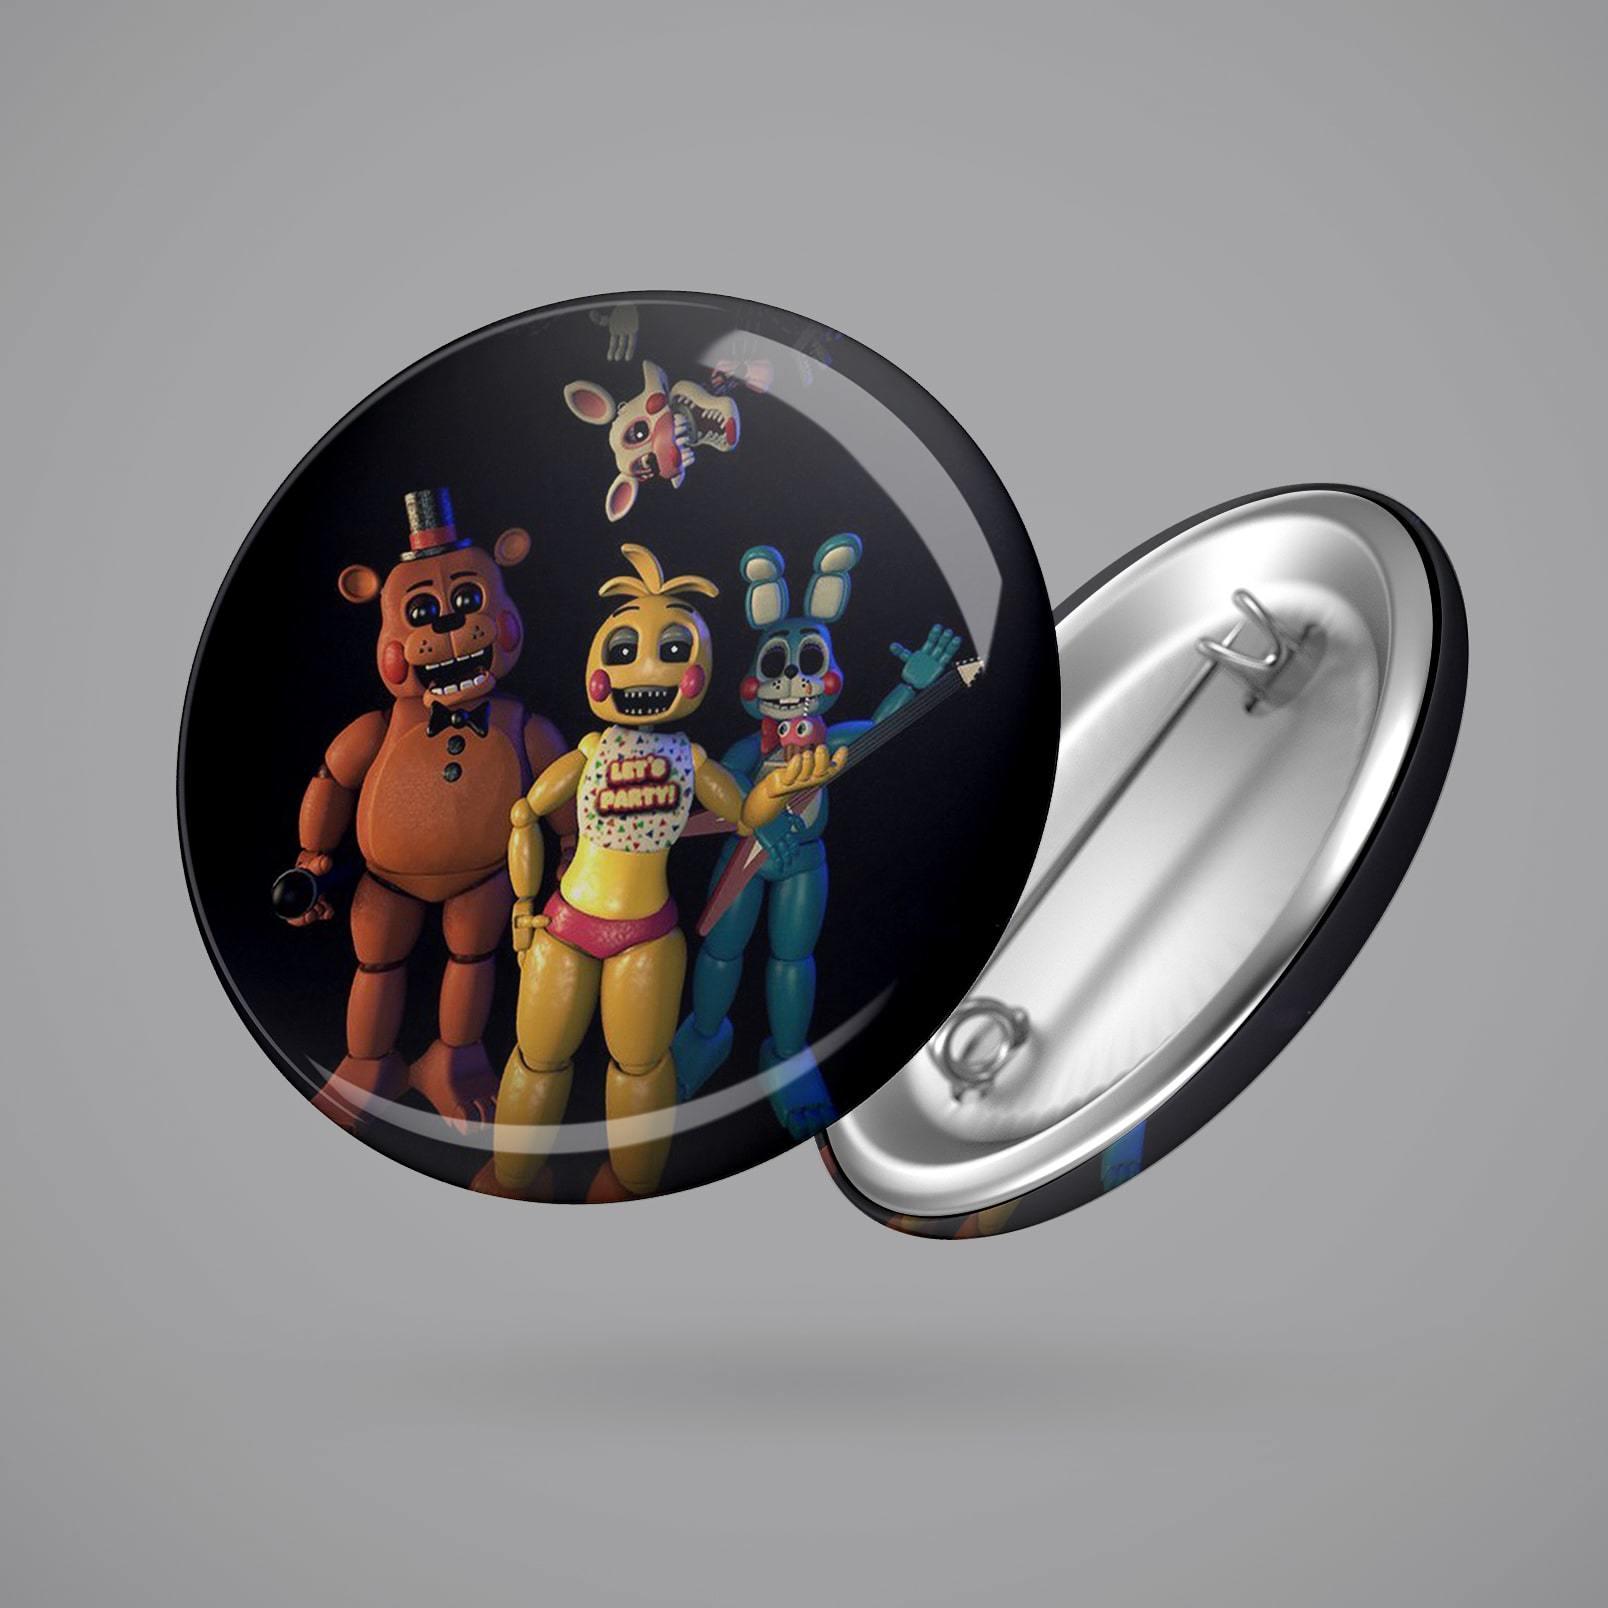 Значок с героями ФНАФ №1 - купить в интернет-магазине kinoshop24.ru